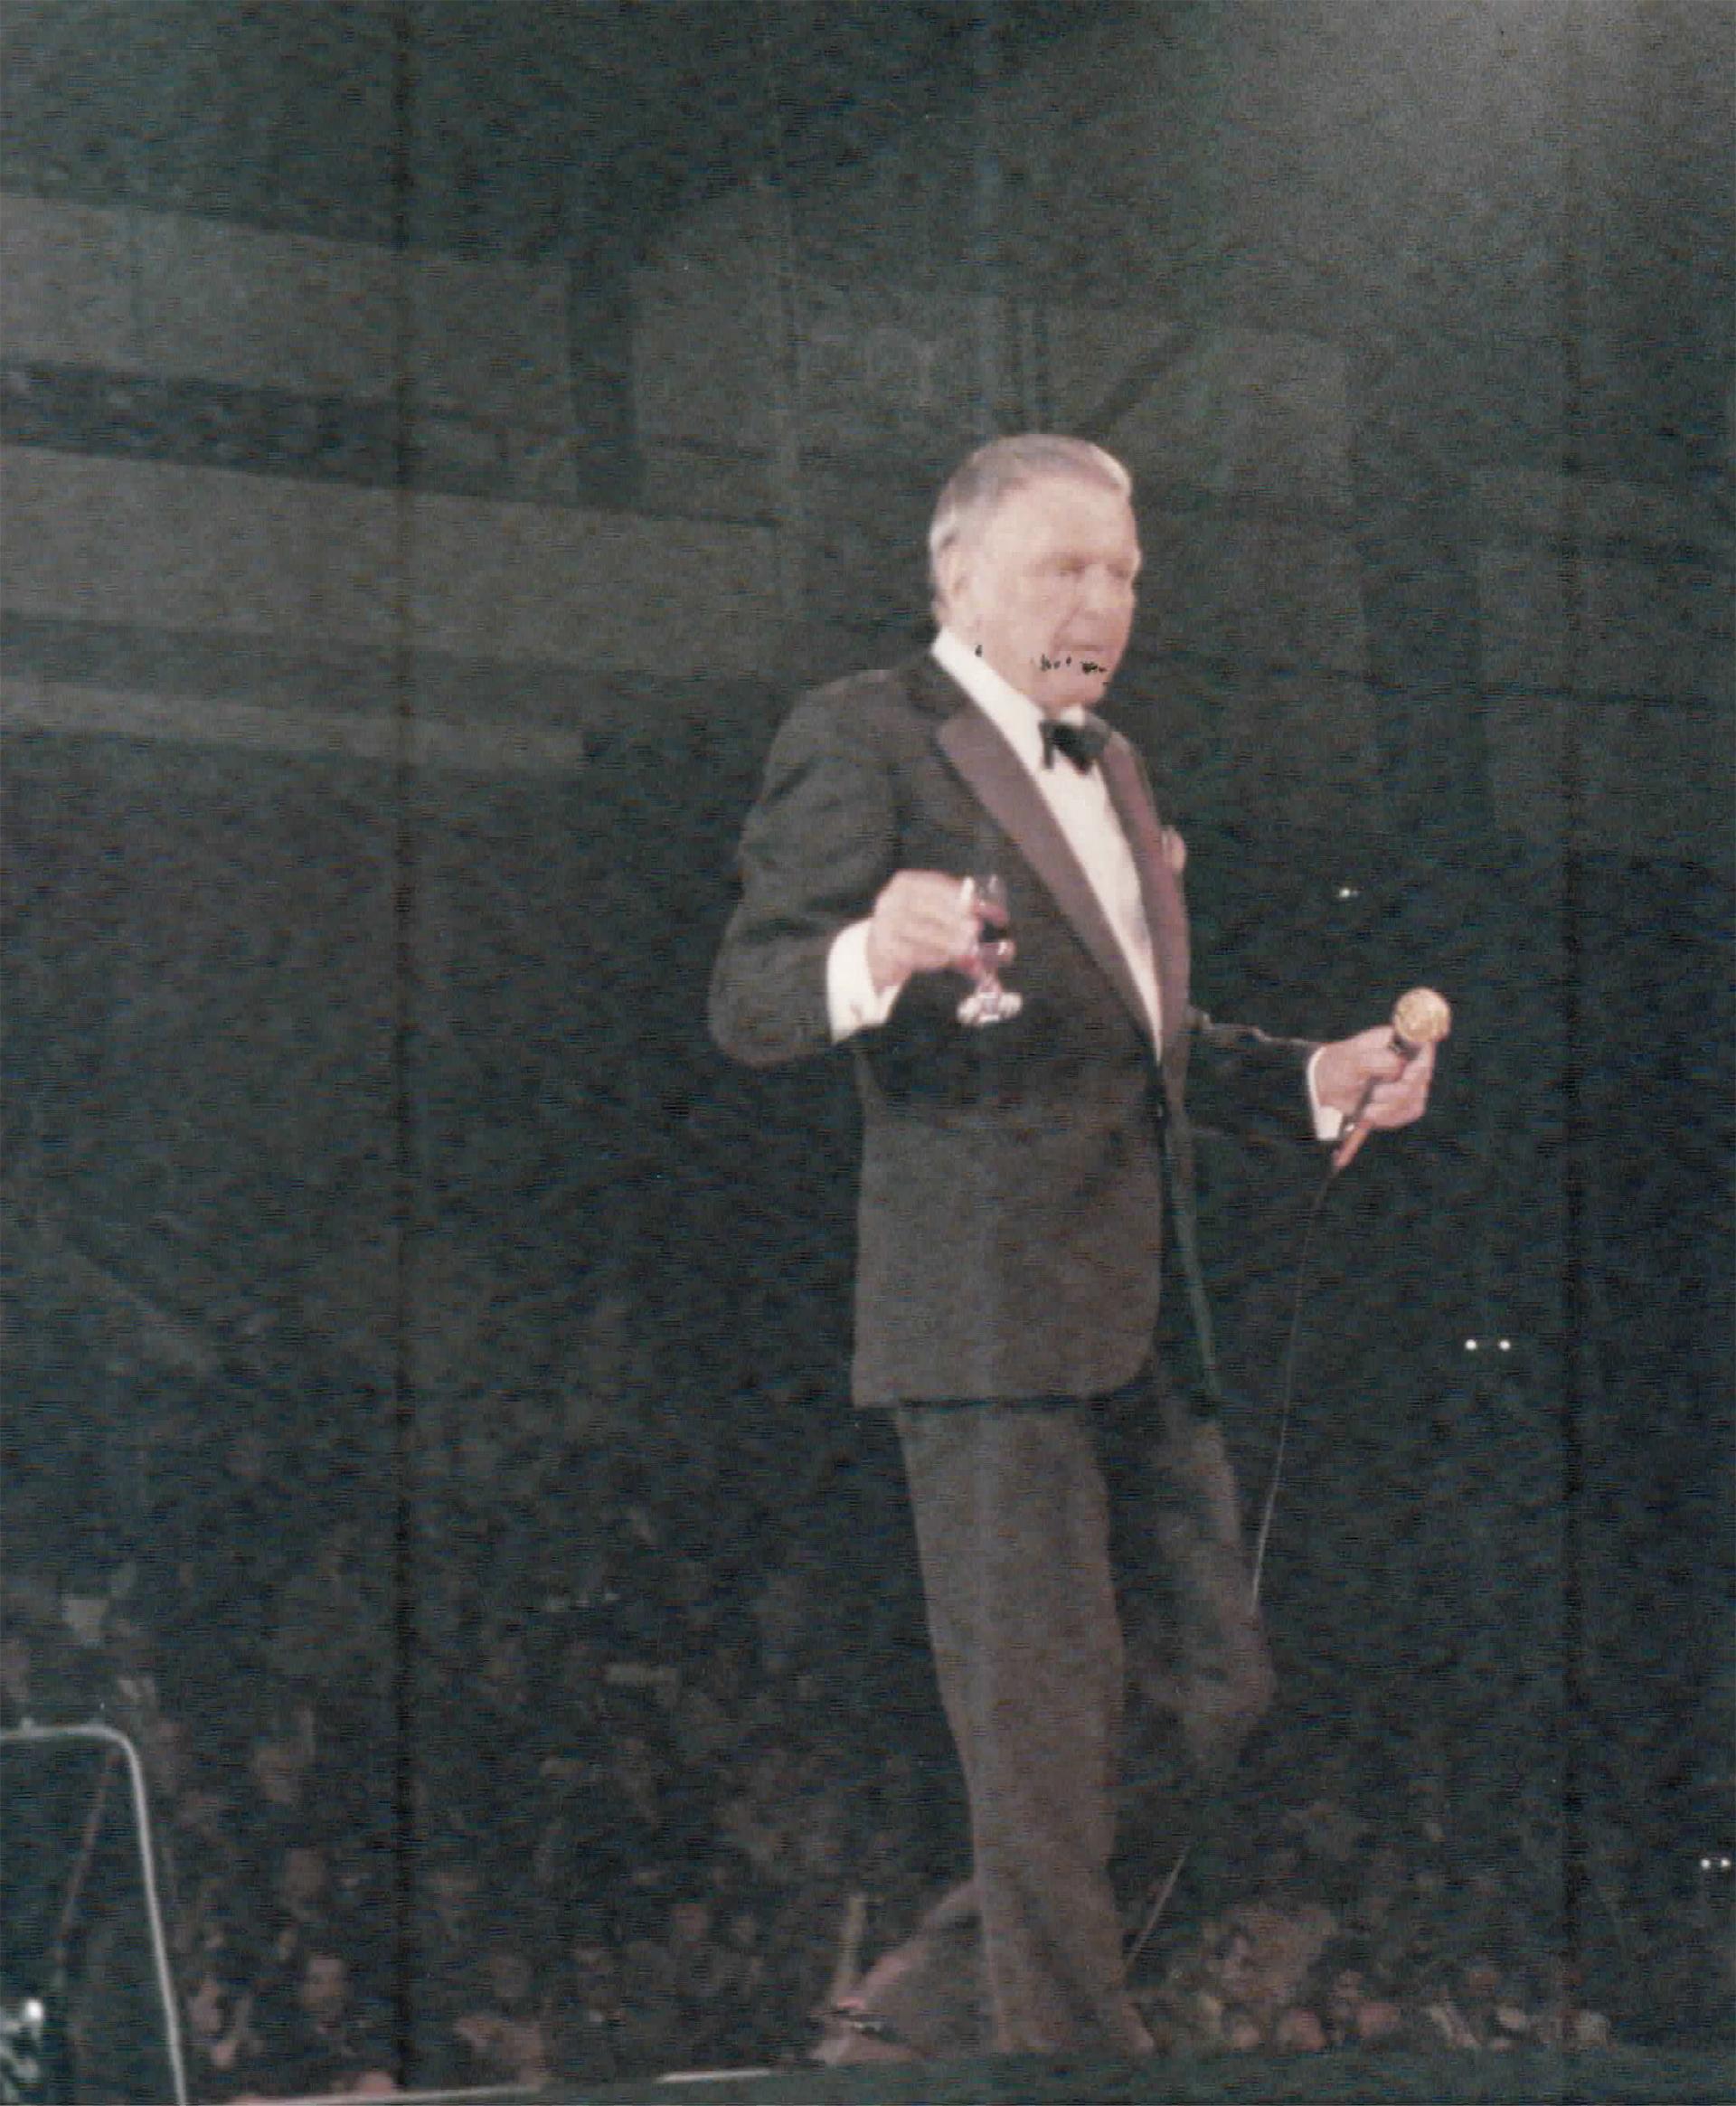 El cantante norteamericano Frank Sinatra también pasó por el Luna Park